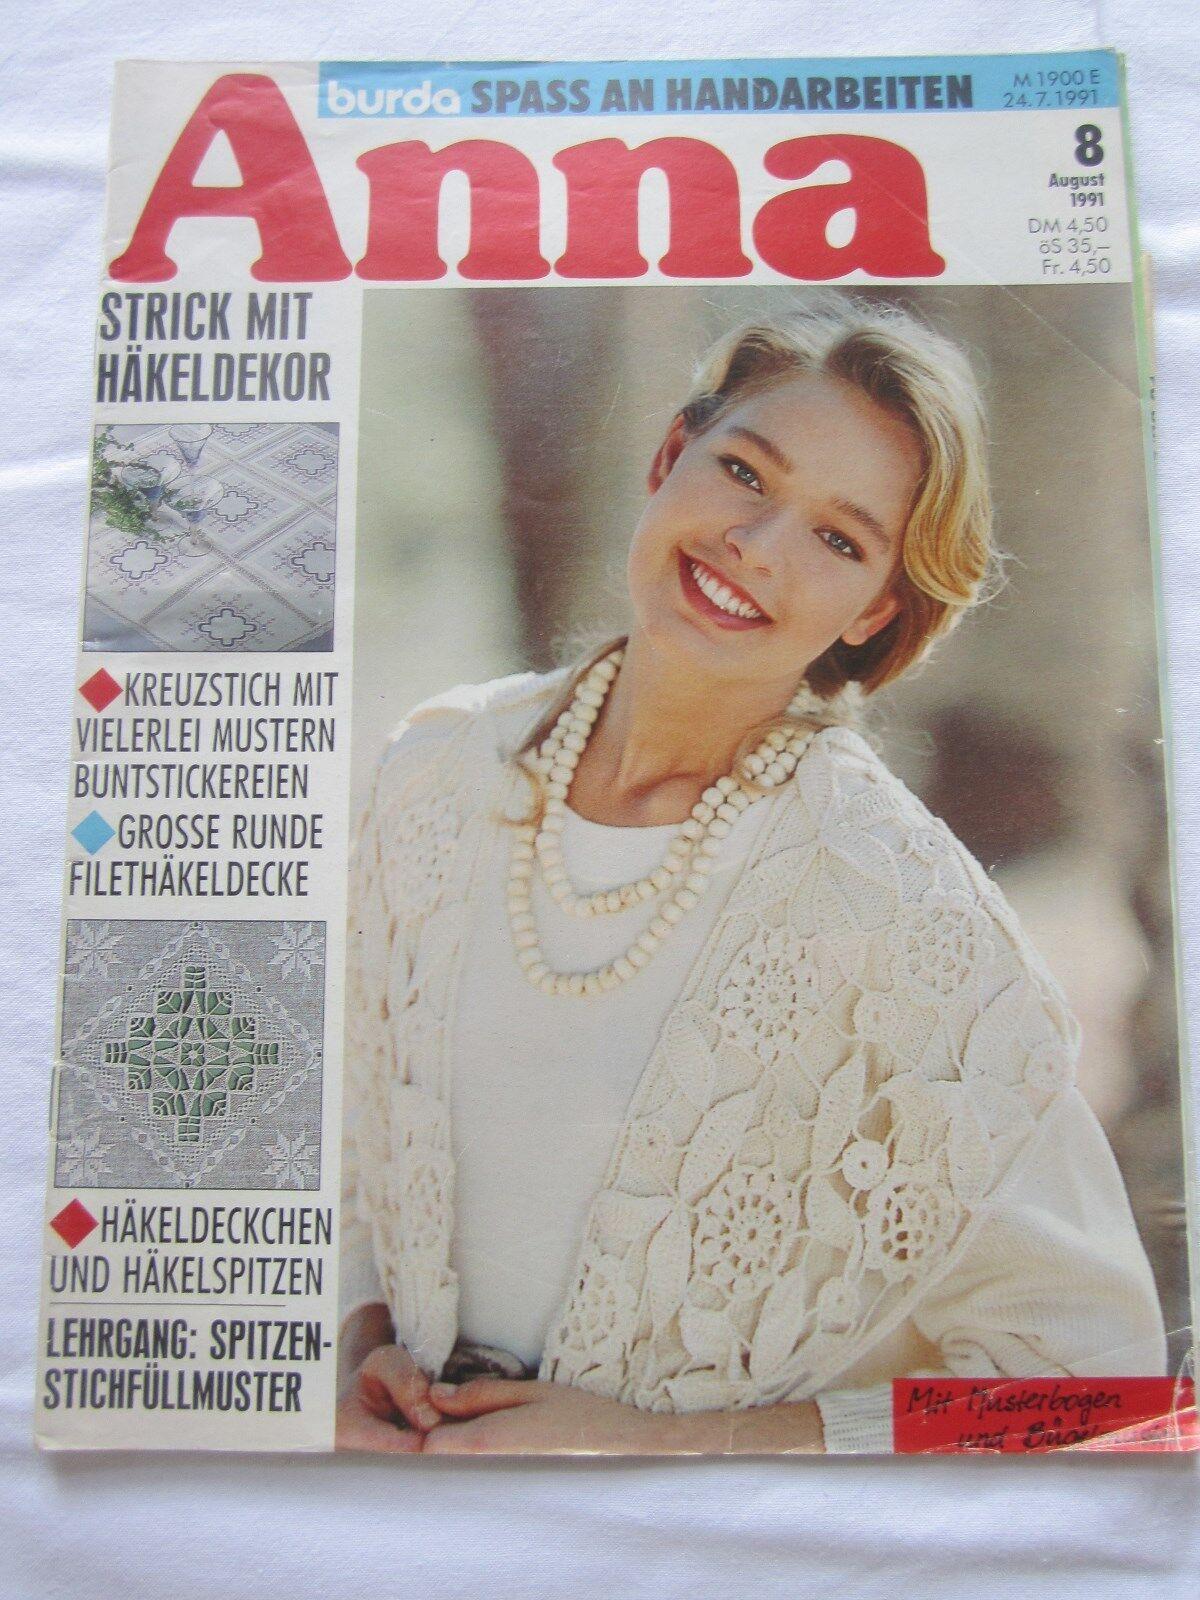 Anna Spass mit Handarbeiten August 1991